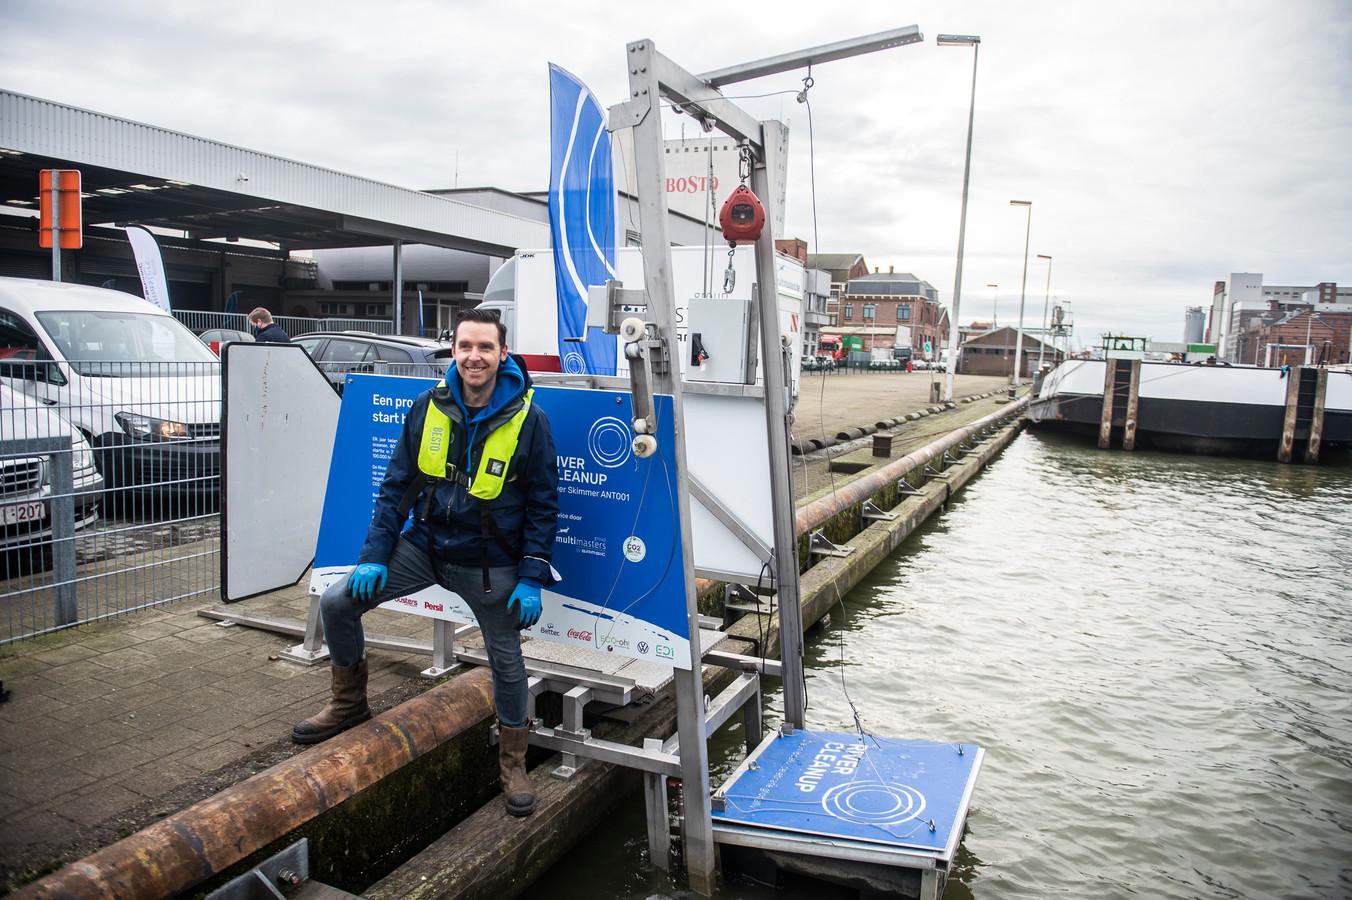 Thomas de Groote van River Cleanup bij de River Skimmer.